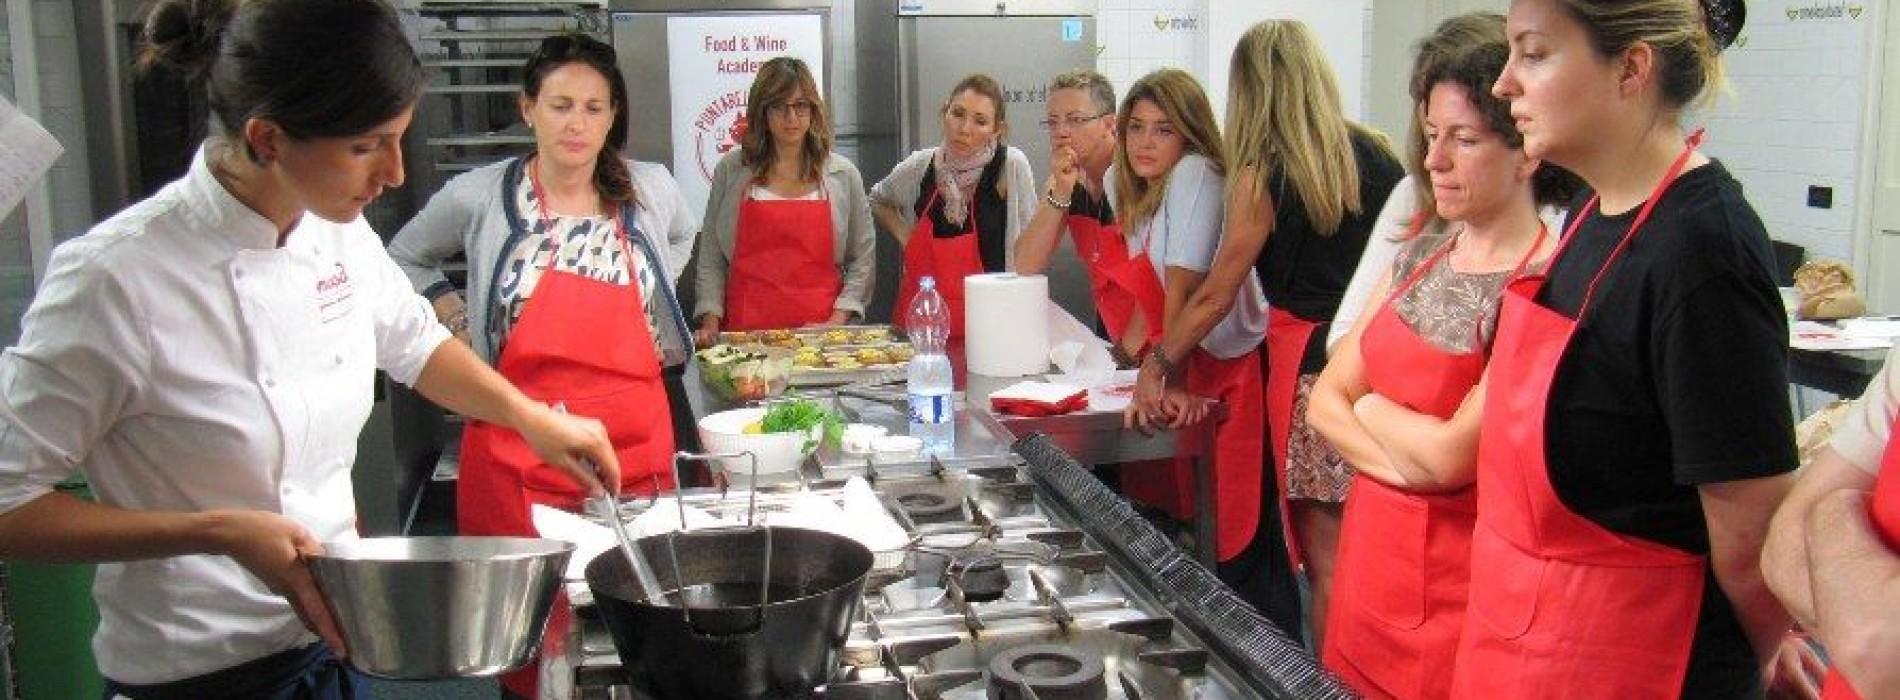 corsi cucina roma 2016 - Corso Cucina Eataly